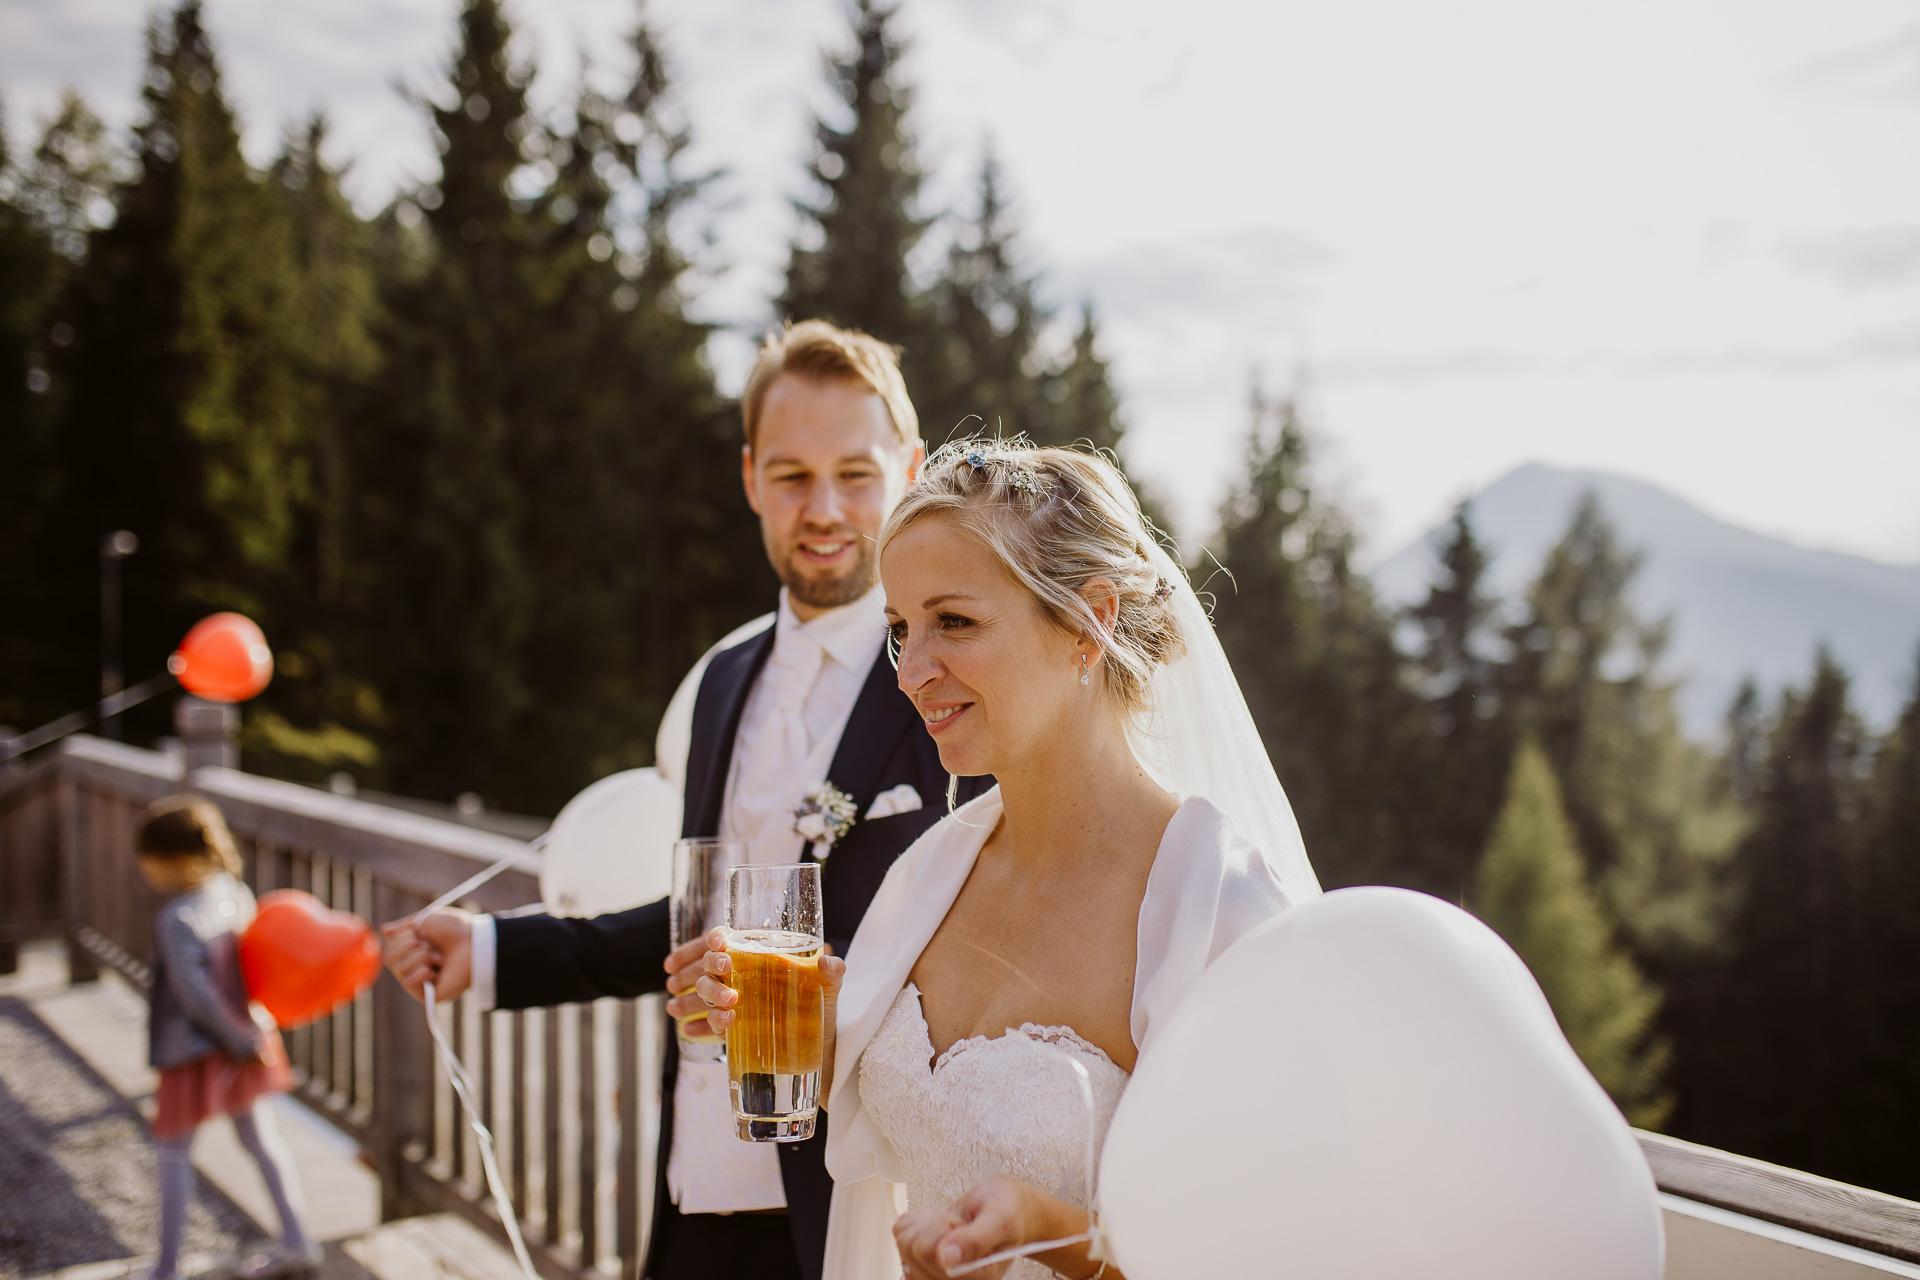 Alexander Utz, Fotografie, Hochzeit, Augsburg, Brautkleid, Brautstrauss-77